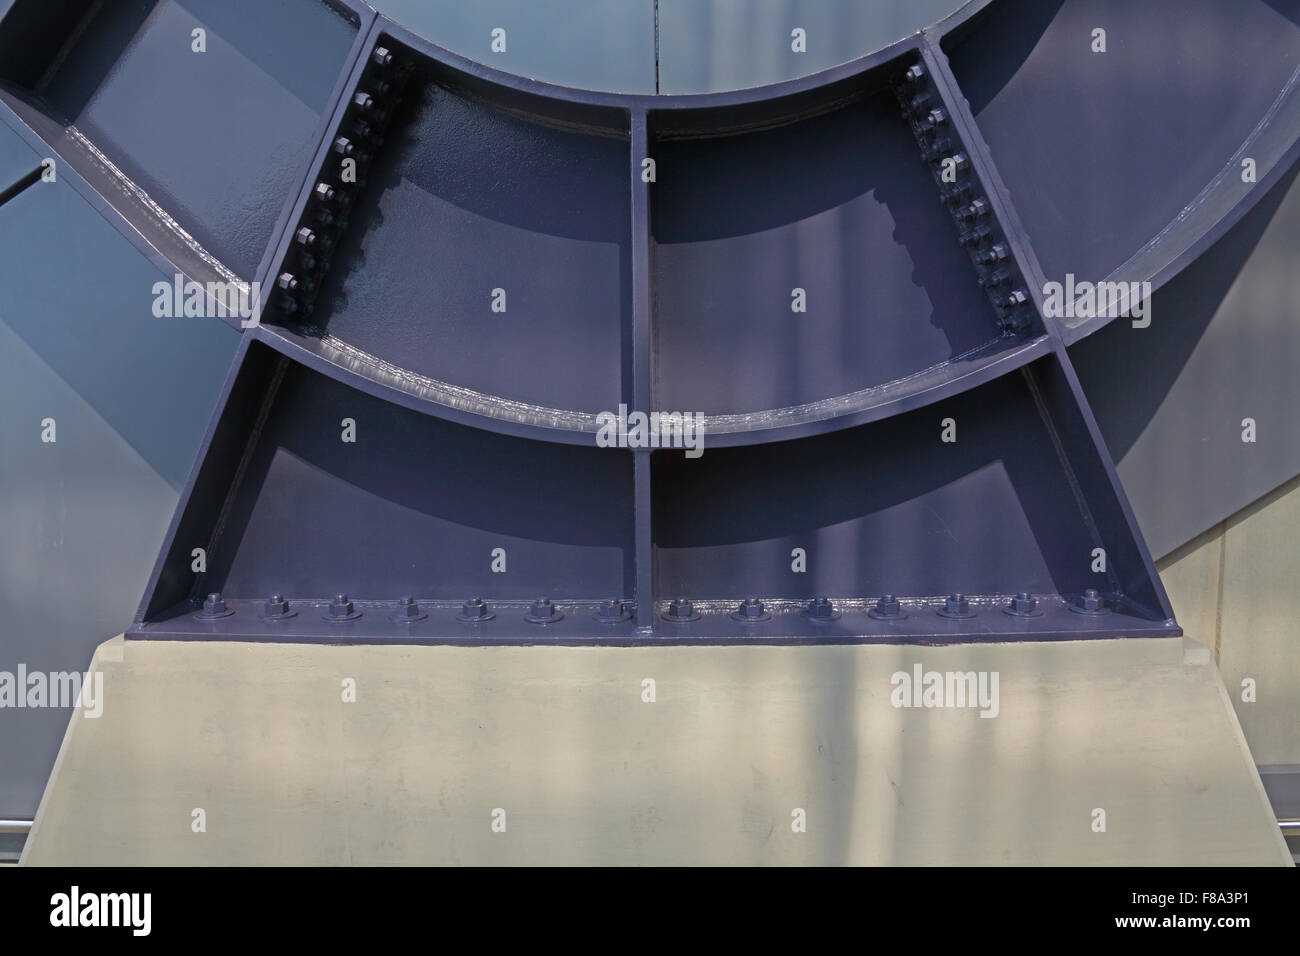 Engineering di fabbricazione con un telaio in acciaio fissata ad un basamento in calcestruzzo con bulloni di molti Immagini Stock